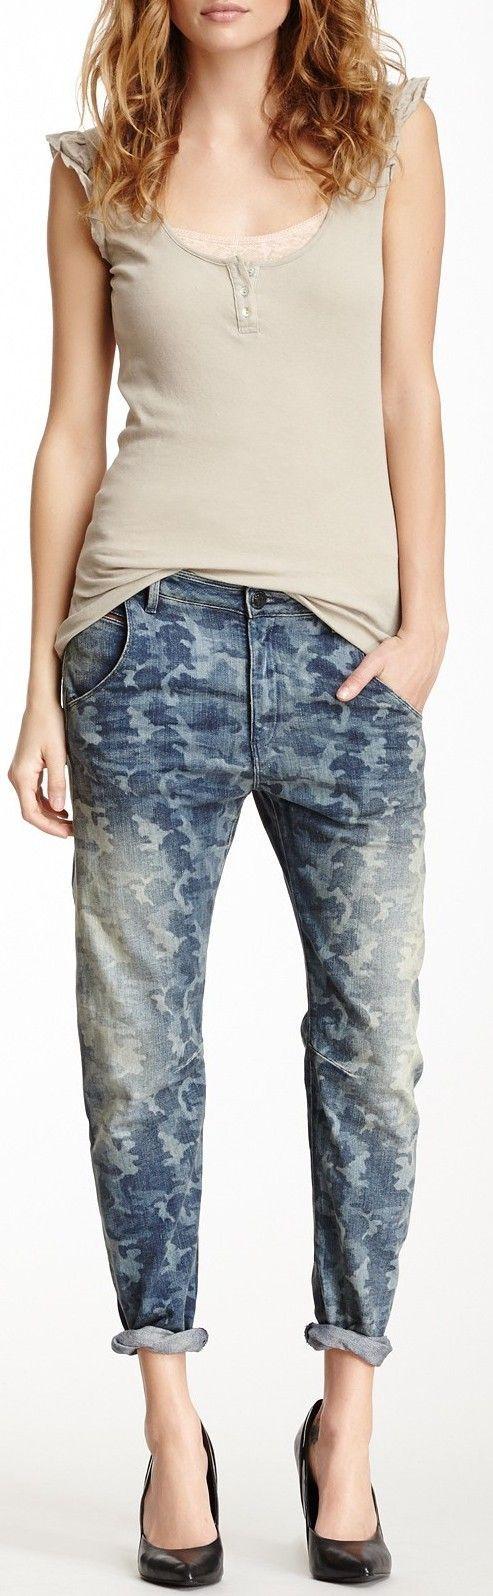 Carlos *Smee* Schimidt Blog sobre laser para jeans (About laser for jeans): Jeans Forever jeans!!! Tendência para o Verão 2017 - Trend for summer 2017#designtolaserengravingmachineforjeans#laserwhiskerforjeans#laserjeans#laser#laserwhisker#bigodelaser#lasermachine#lasermachineforjeans#jeanologia#iberlaser